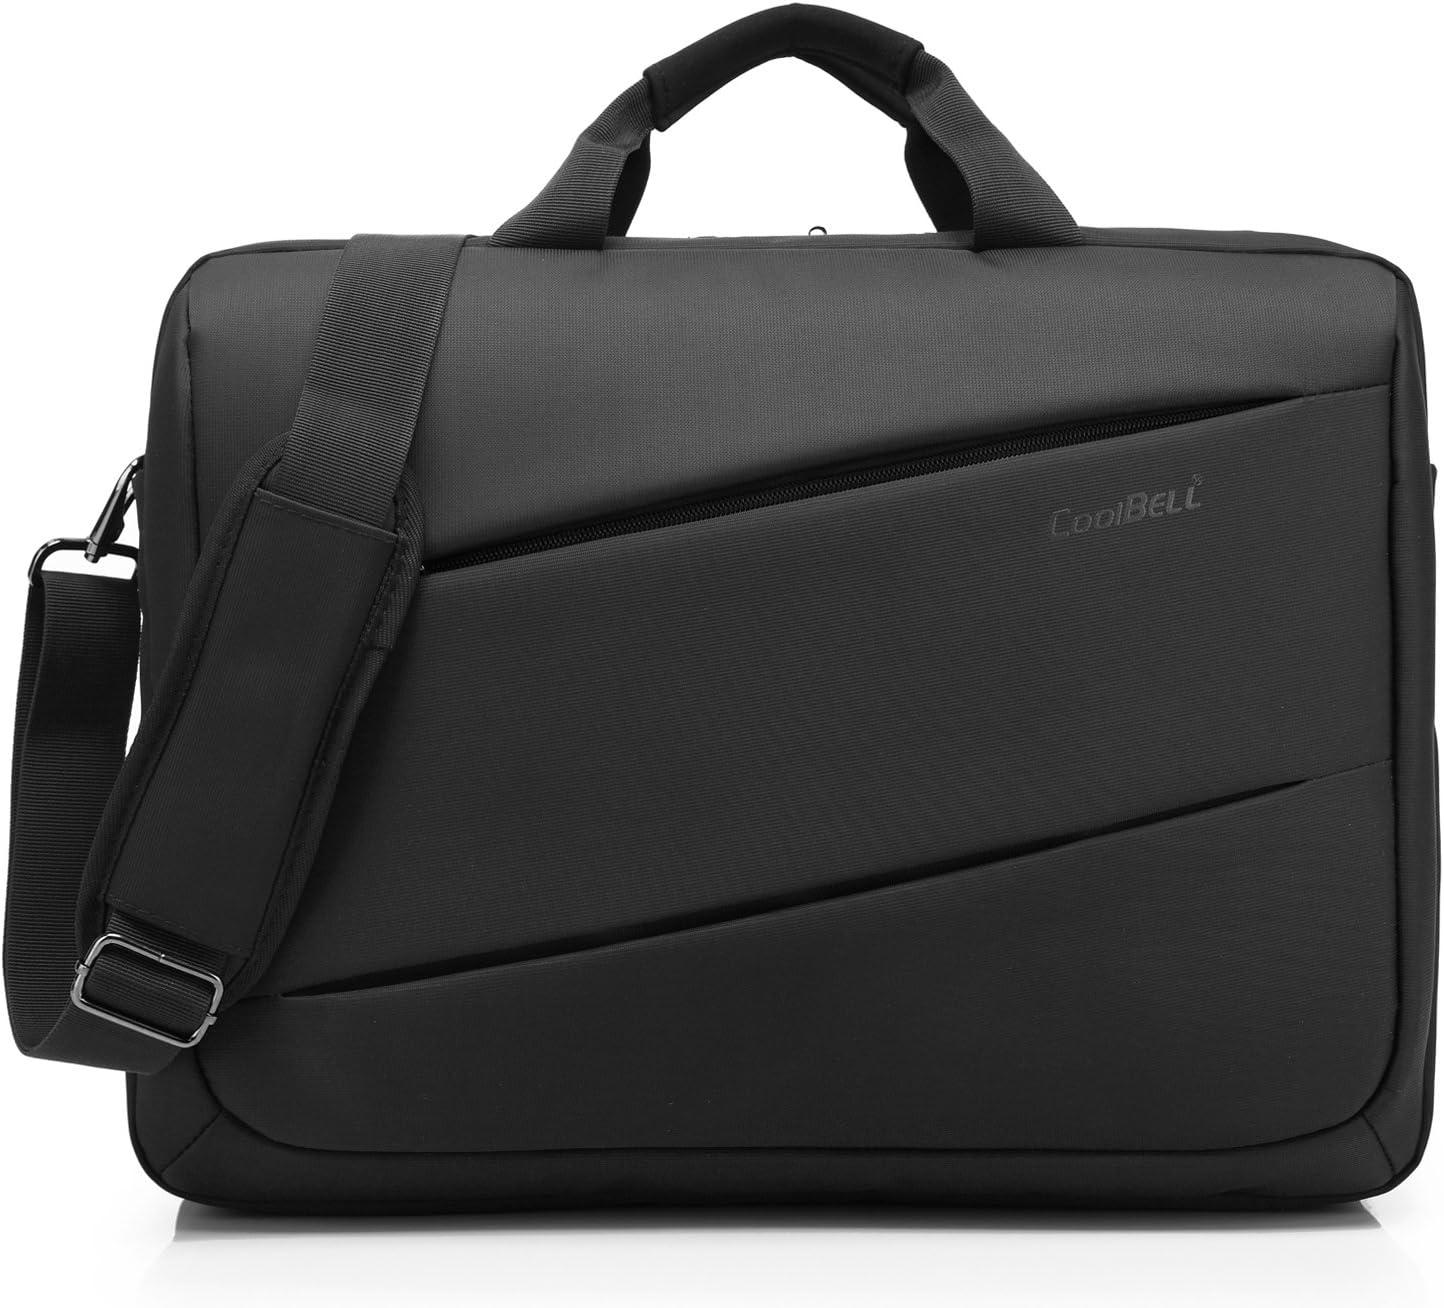 CoolBELL Shoulder Bag 17.3 Inch Laptop Bag Messenger Bag Large Capacity Business Briefcase Multi-Compartment Handbag for Men/Women/College (New Black)